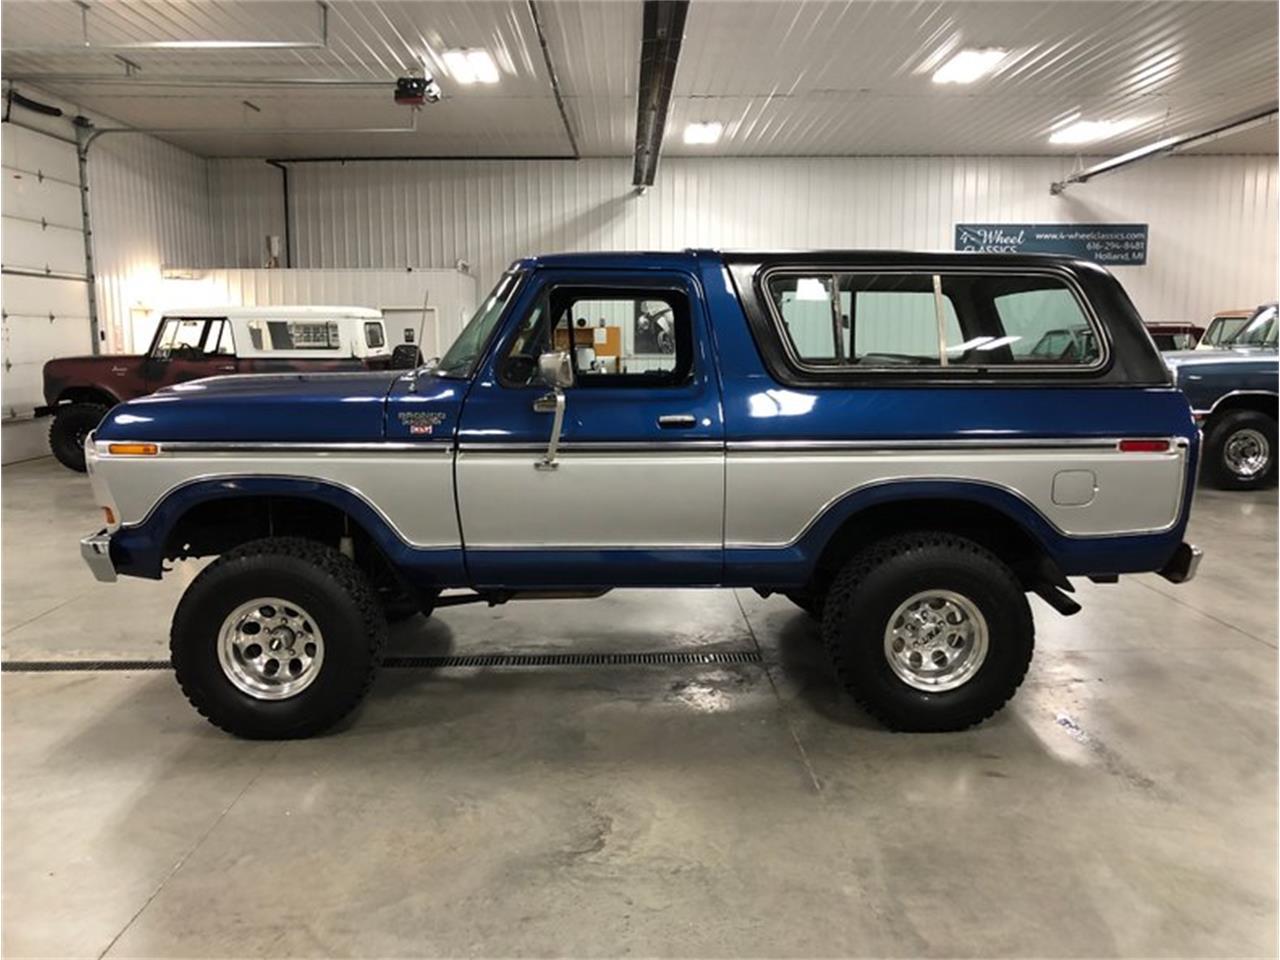 1979 Ford Bronco For Sale Classiccars Com Cc 1199817